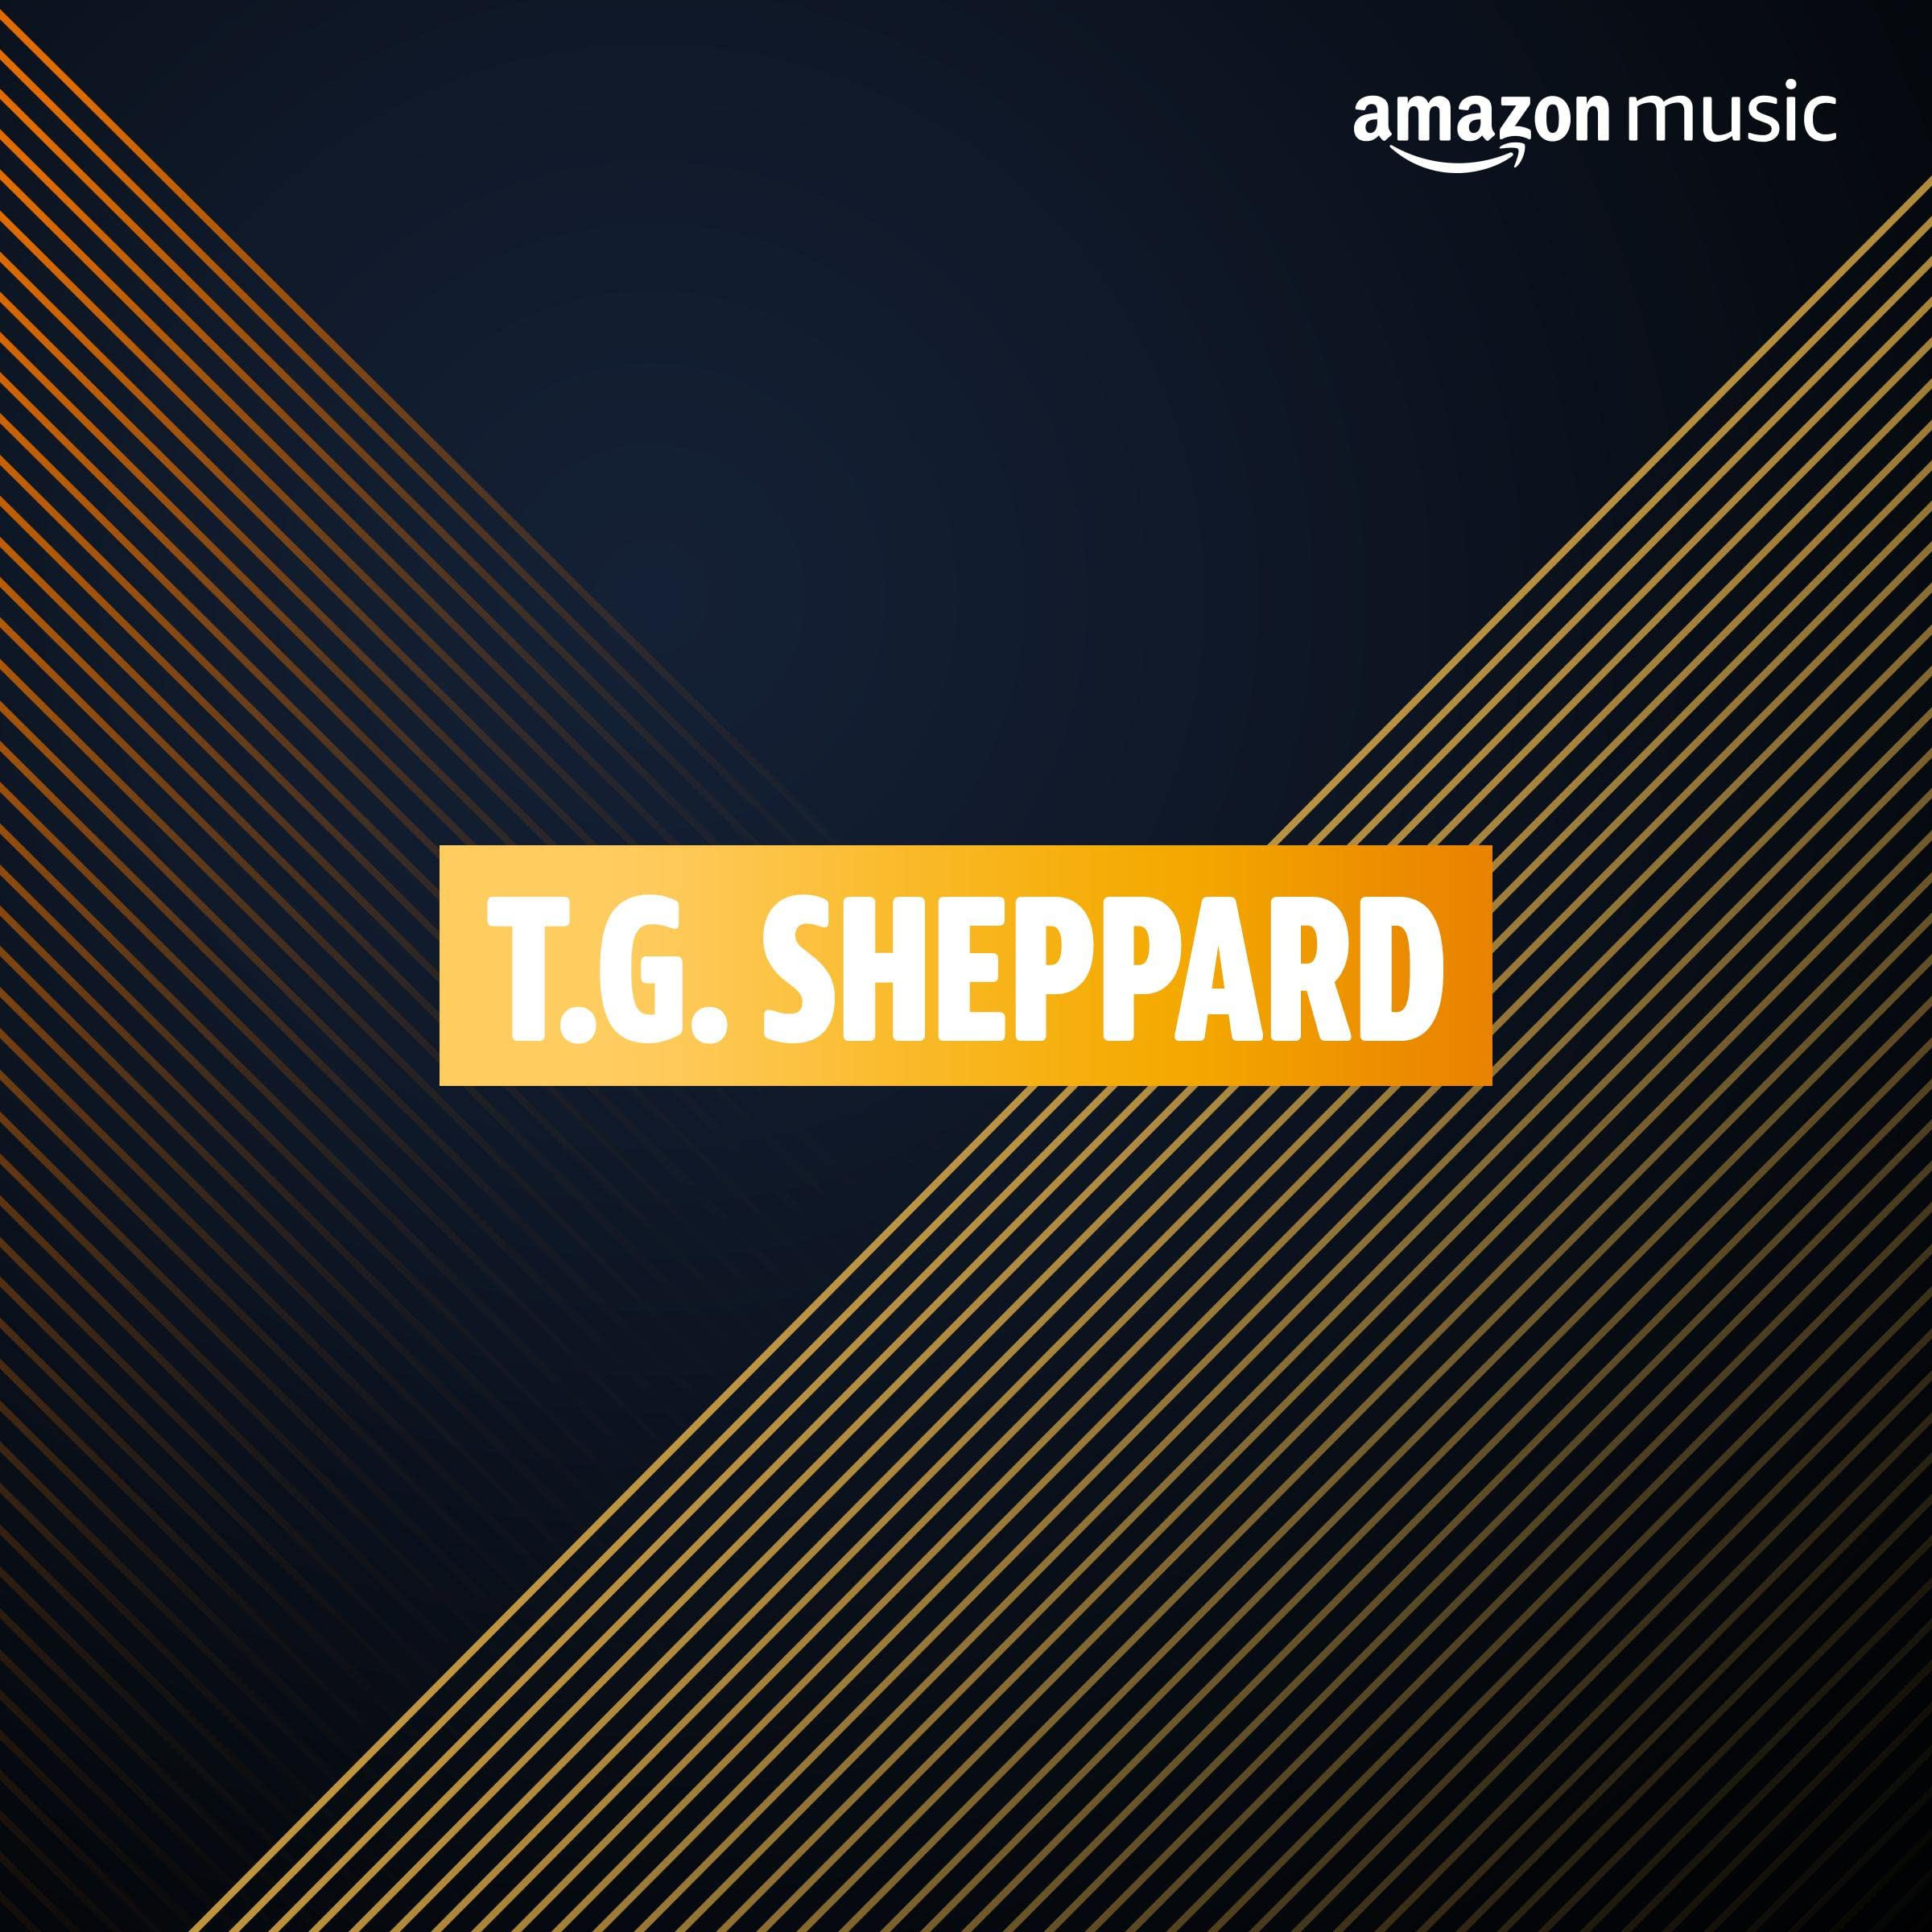 T.G. Sheppard